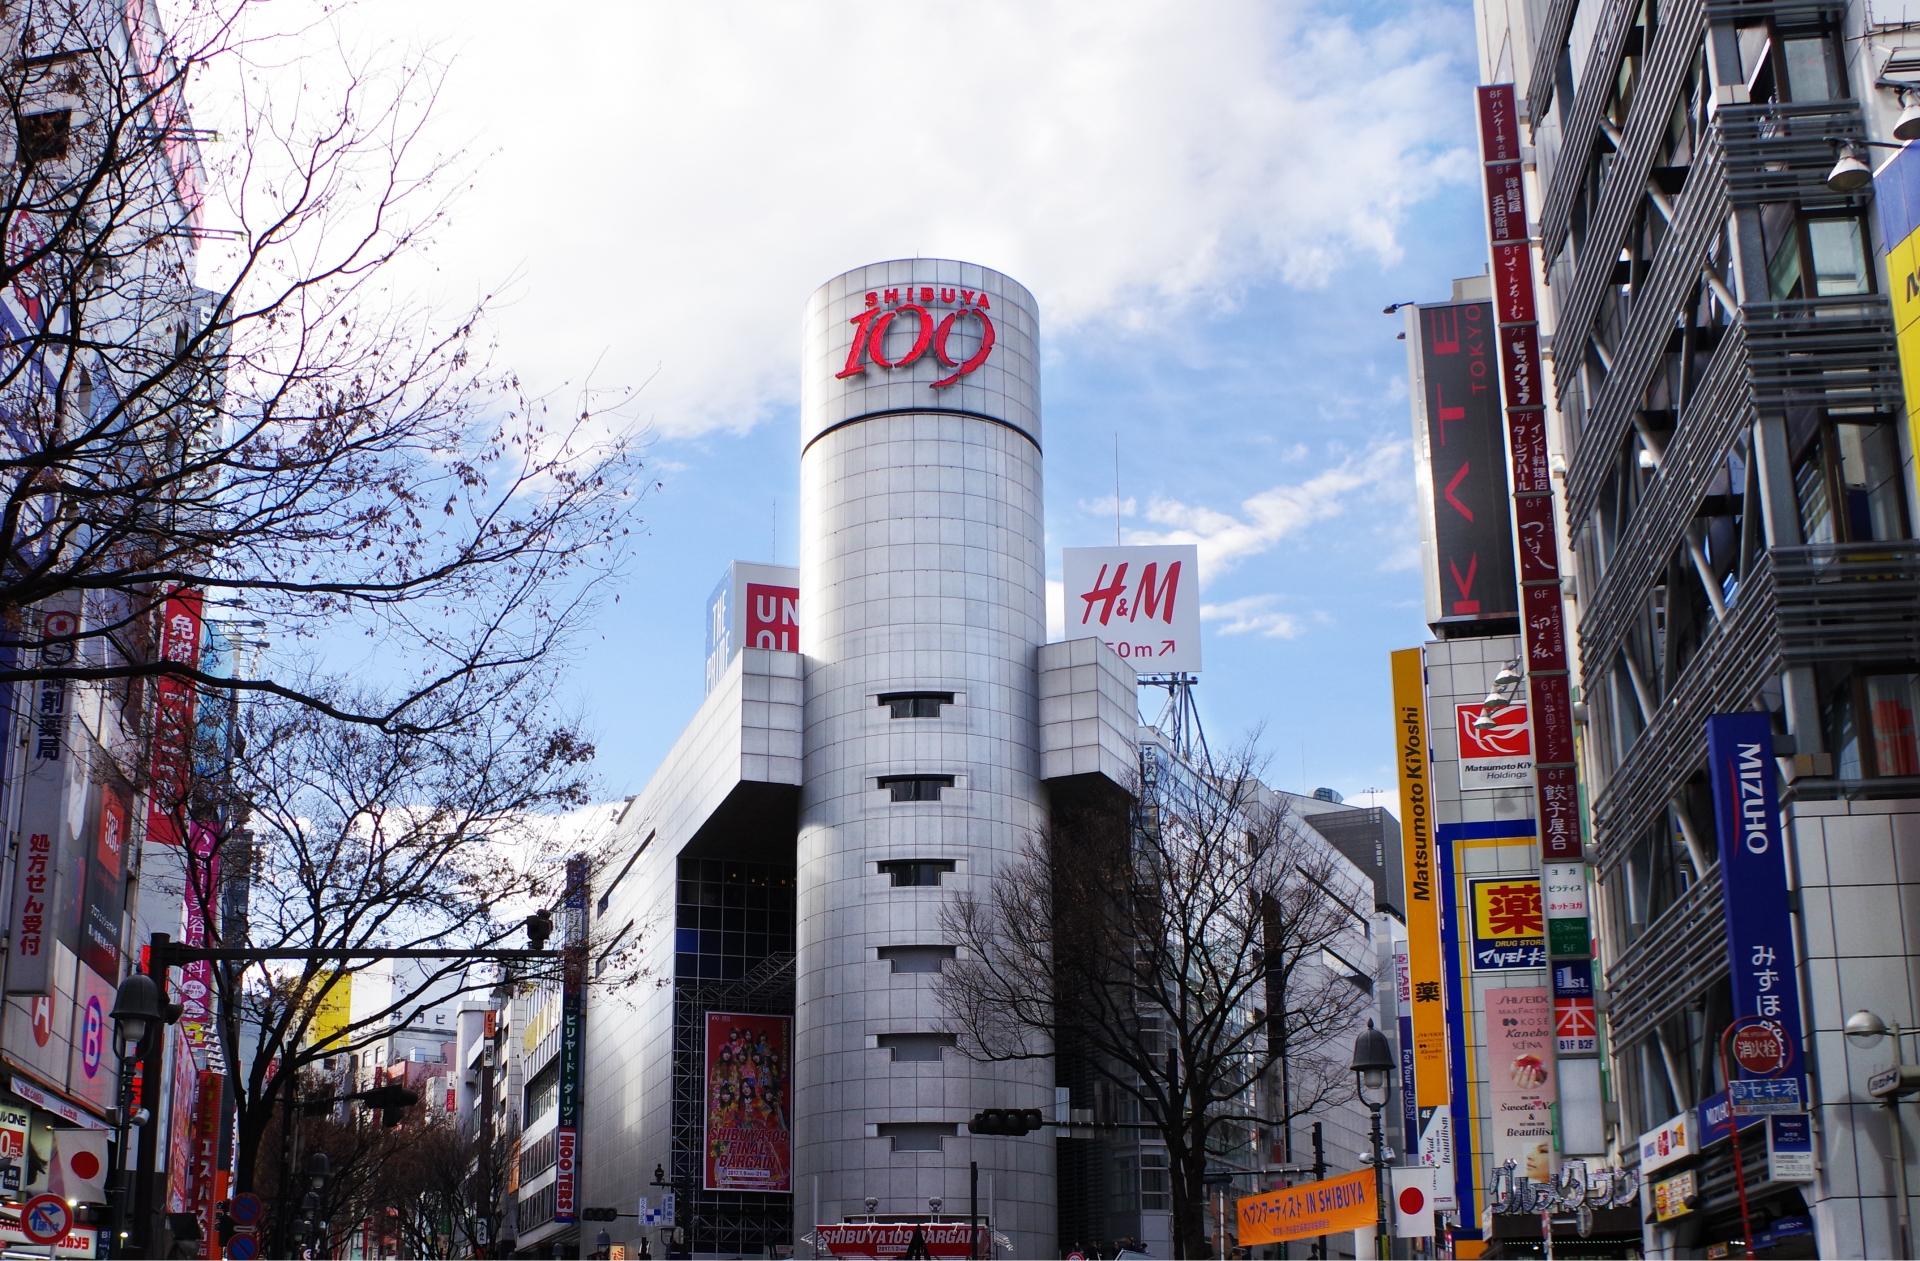 「渋谷109」「ルミネ」「丸井」「ルミネ」営業再開情報